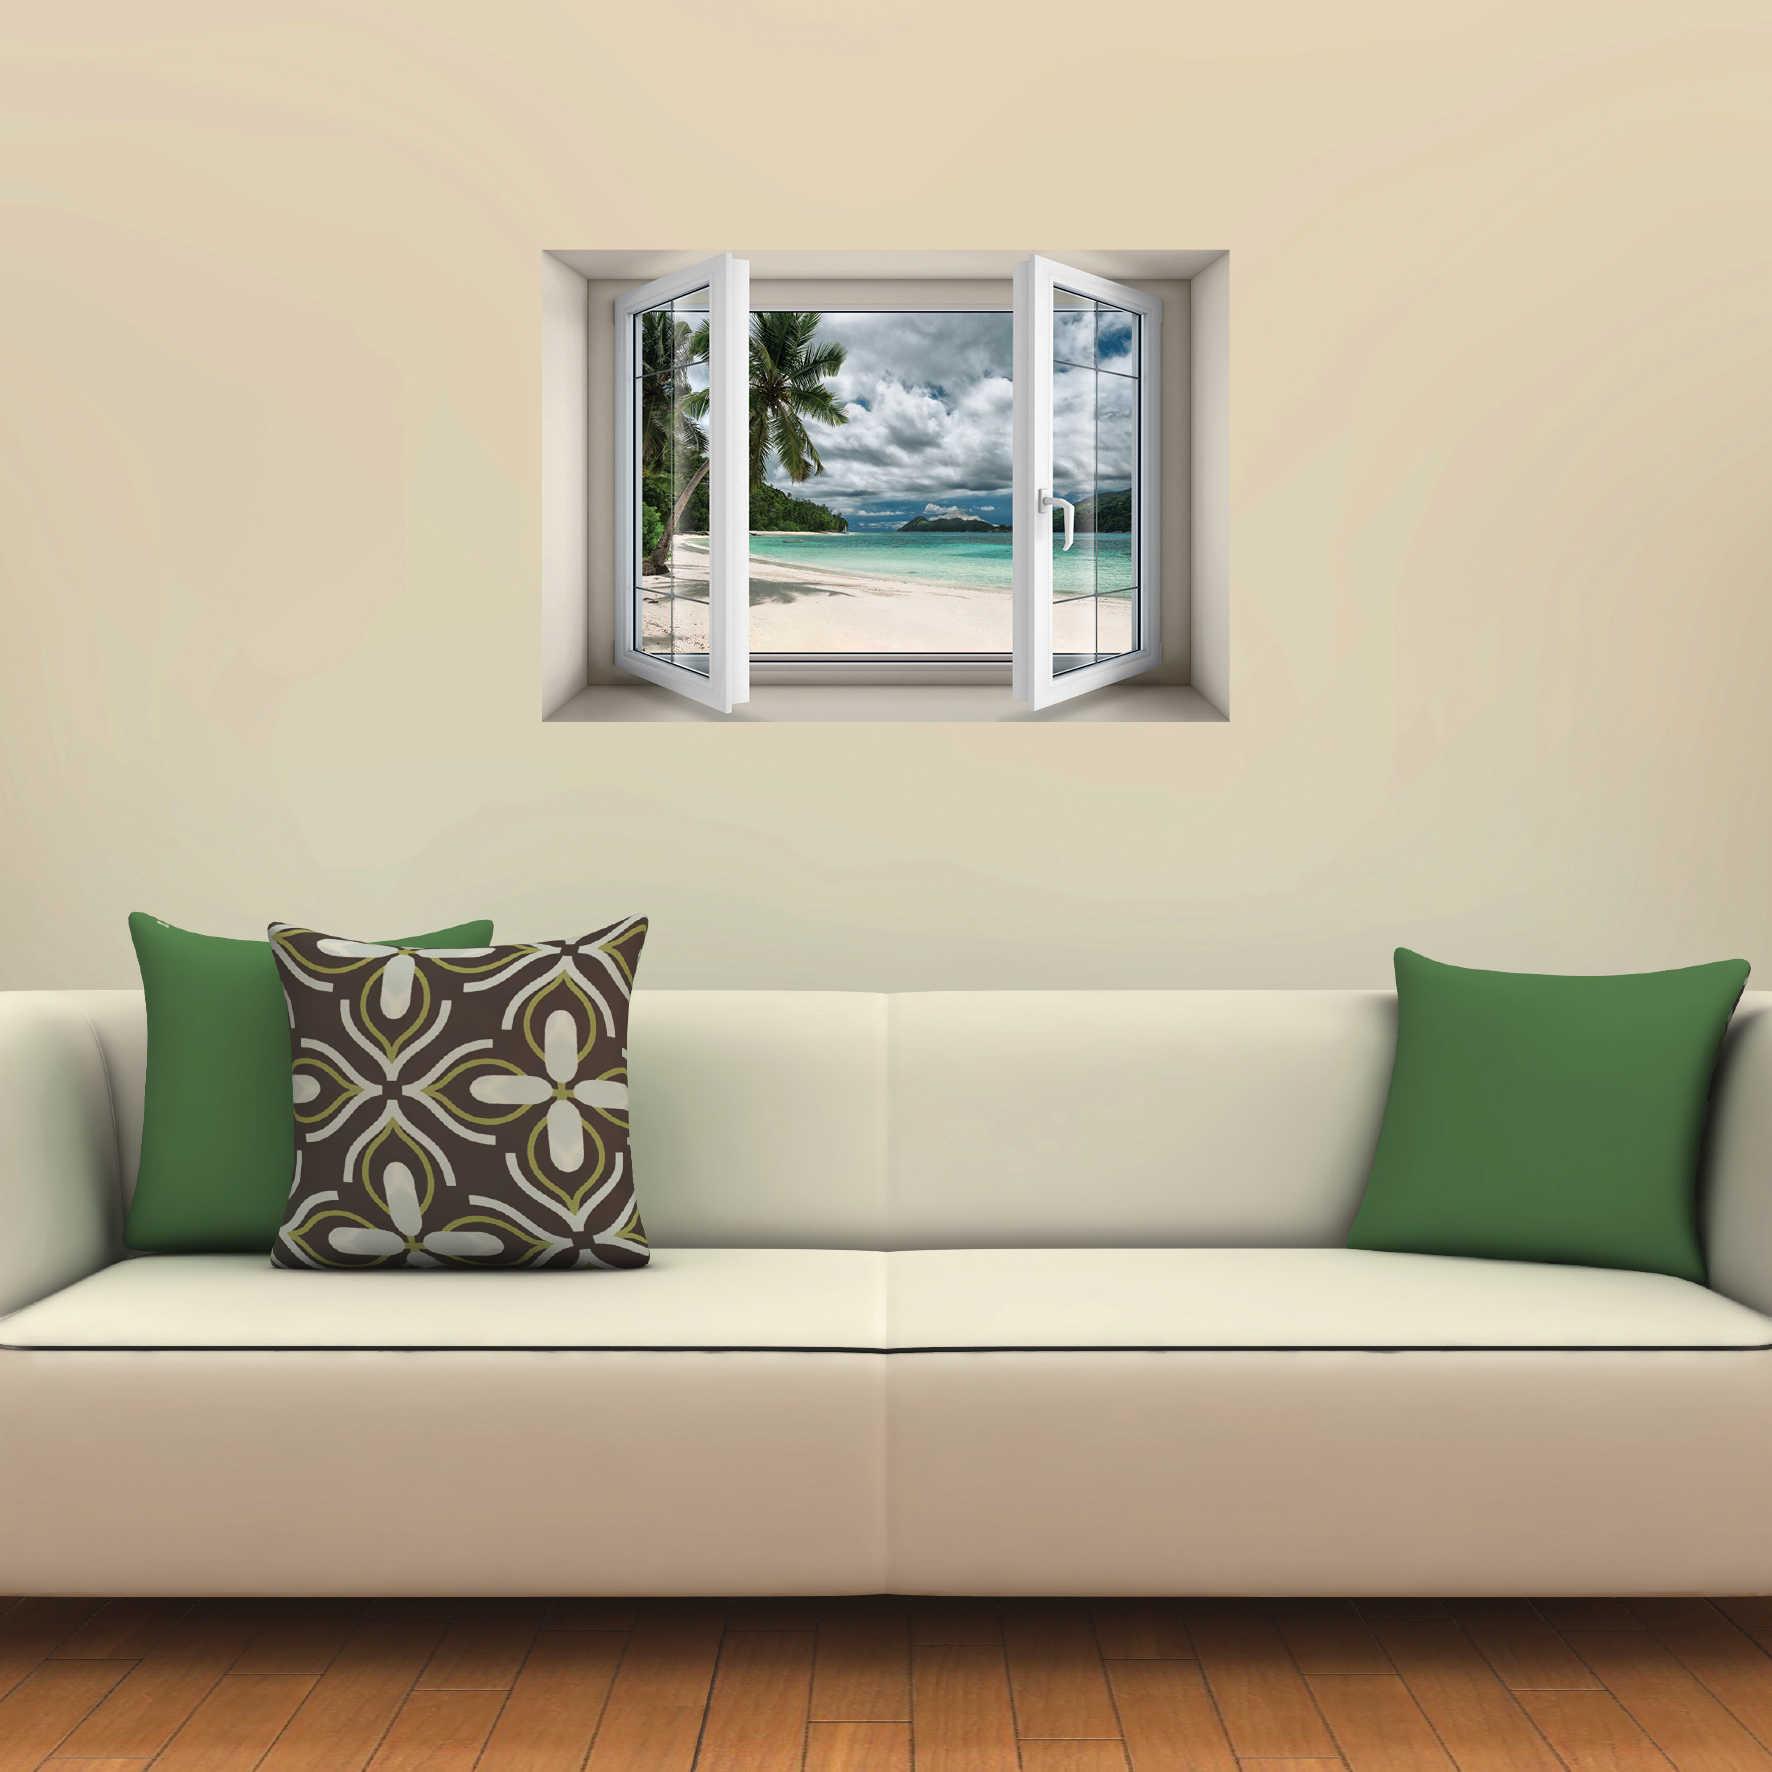 חלון בנישה חוף ים ביום סגרירי דגם 5011